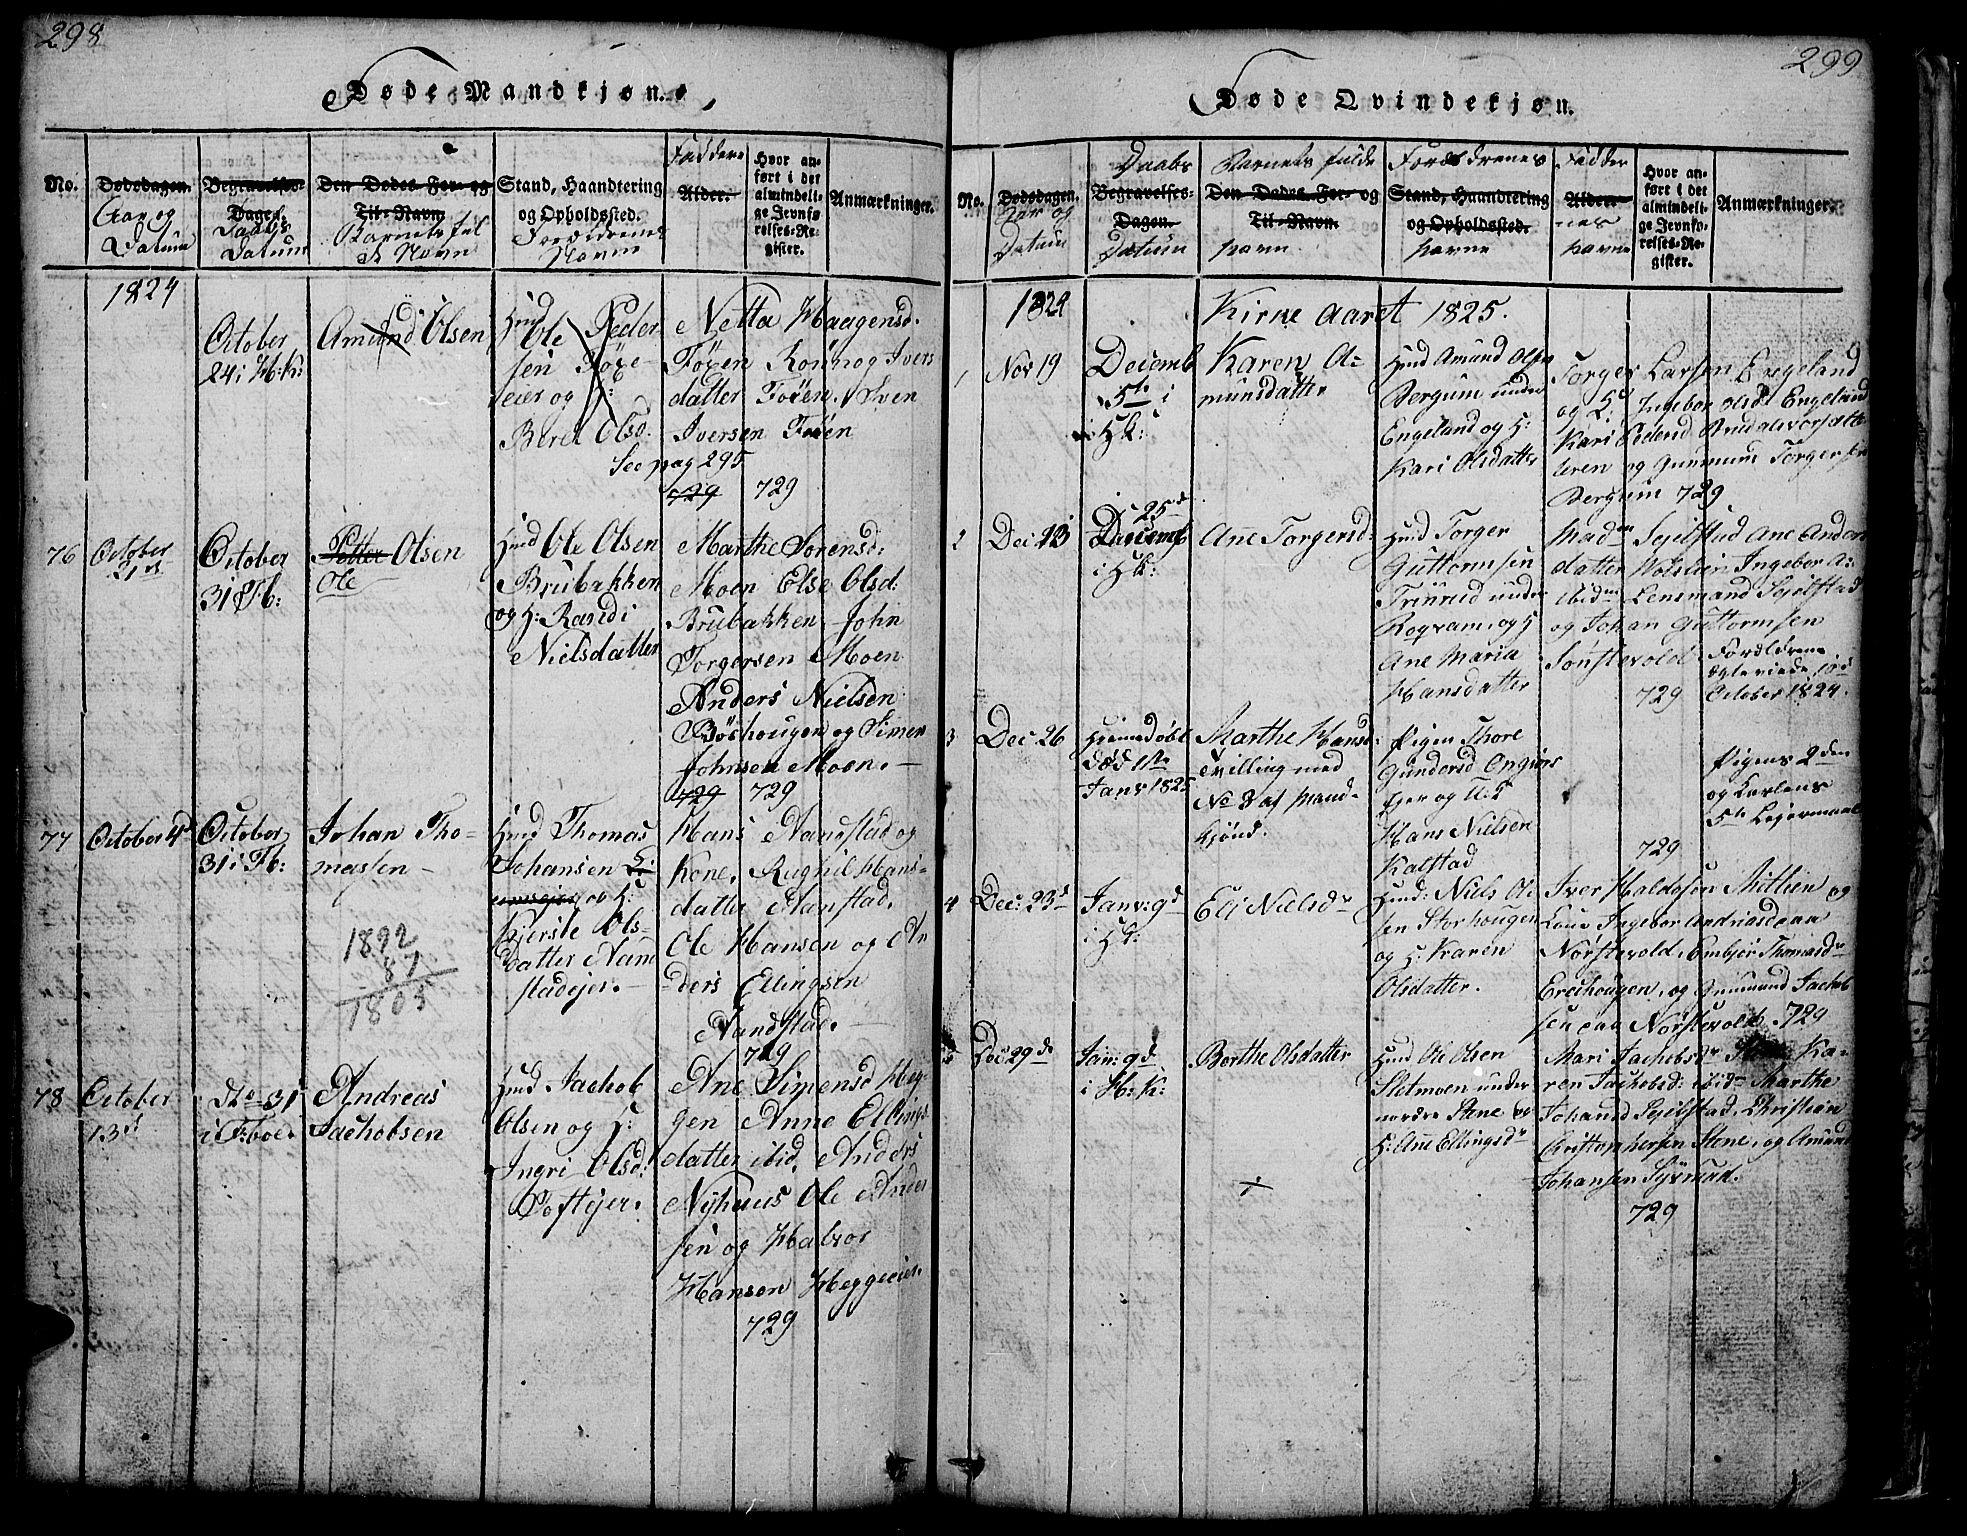 SAH, Gausdal prestekontor, Klokkerbok nr. 1, 1817-1848, s. 298-299